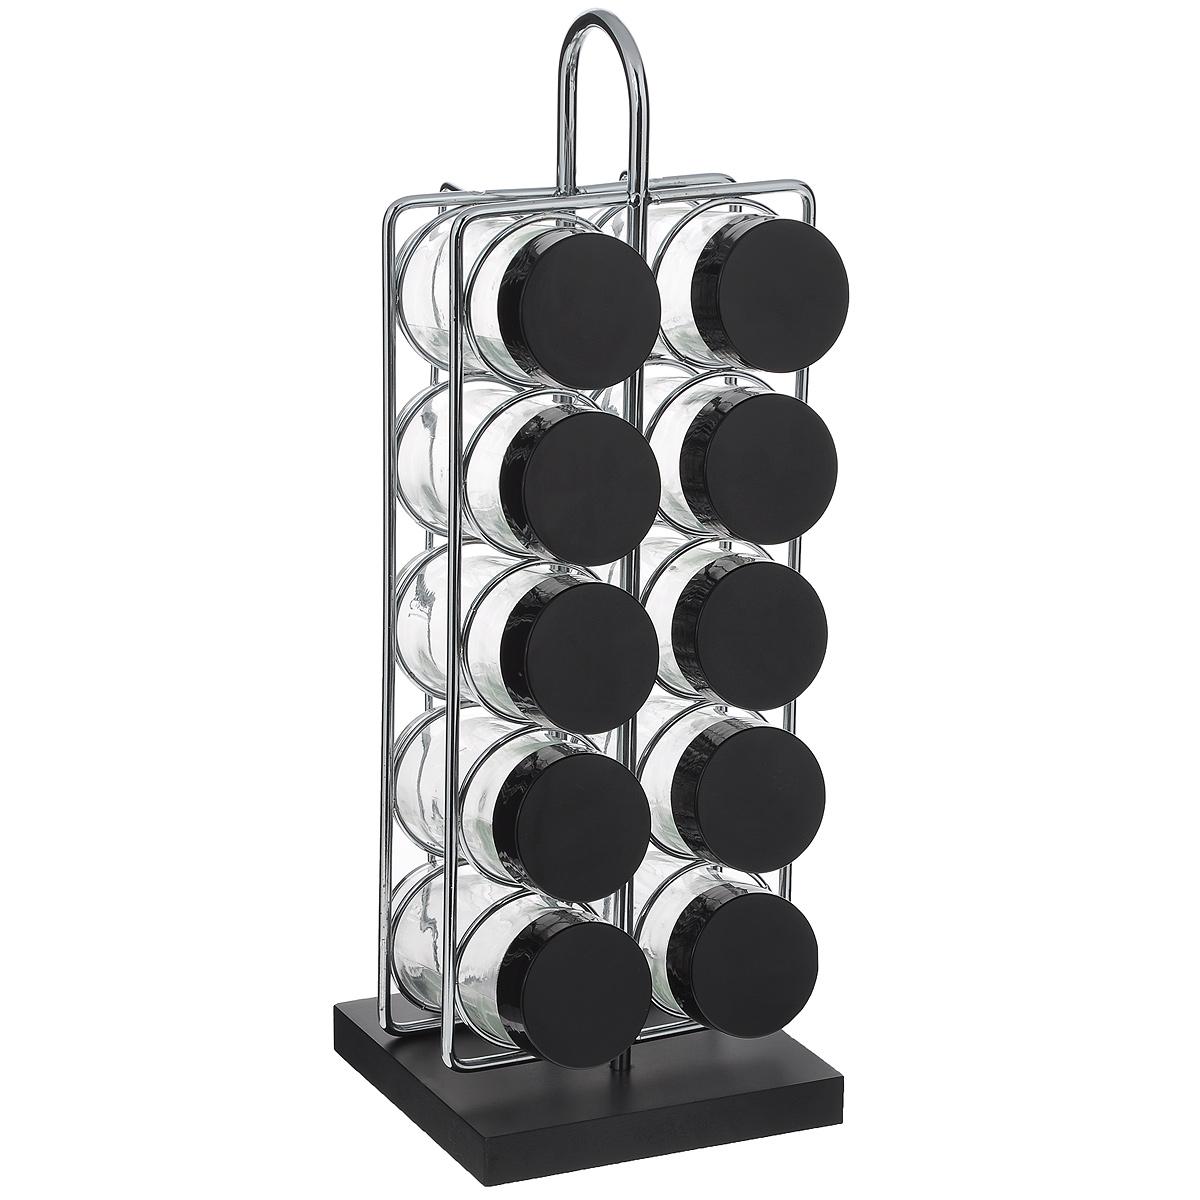 Набор для специй, 11 предметовGSR2311Набор для специй состоит из 10 баночек для специй и подставки. Баночки изготовлены из стекла и оснащены плотно закручивающимися пластиковыми крышками. Баночки устанавливаются на металлическую подставку с основанием из МДФ черного цвета. Для каждой баночки предусмотрена специальная выемка. Набор идеально подойдет для хранения различных приправ и специй. Благодаря прозрачным стенкам, можно видеть содержимое баночек. Такой набор стильно дополнит интерьер кухни и станет незаменимым помощником в приготовлении ваших любимых блюд. Баночки можно мыть в посудомоечной машине. Диаметр баночки (по верхнему краю): 4,2 см. Высота баночки: 9,5 см. Размер подставки (ДхШхВ): 10,5 см х 11,5 см х 33 см.